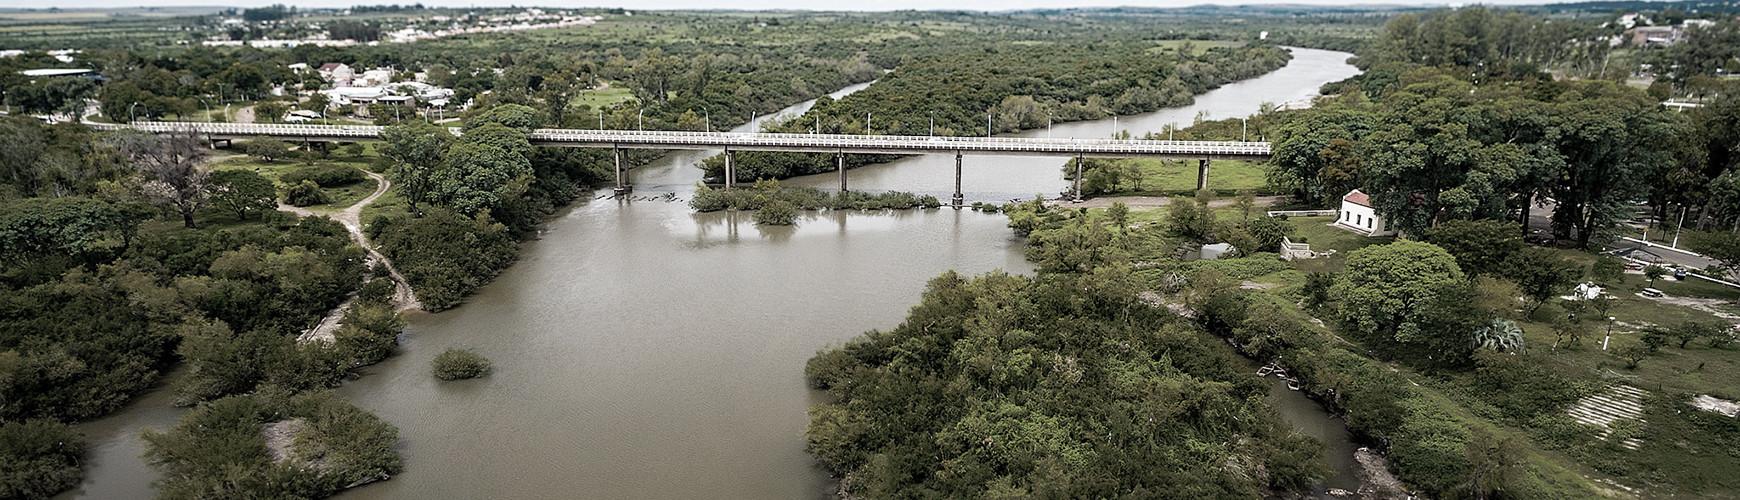 Marcelo Campi - Puente Quaraí Artigas